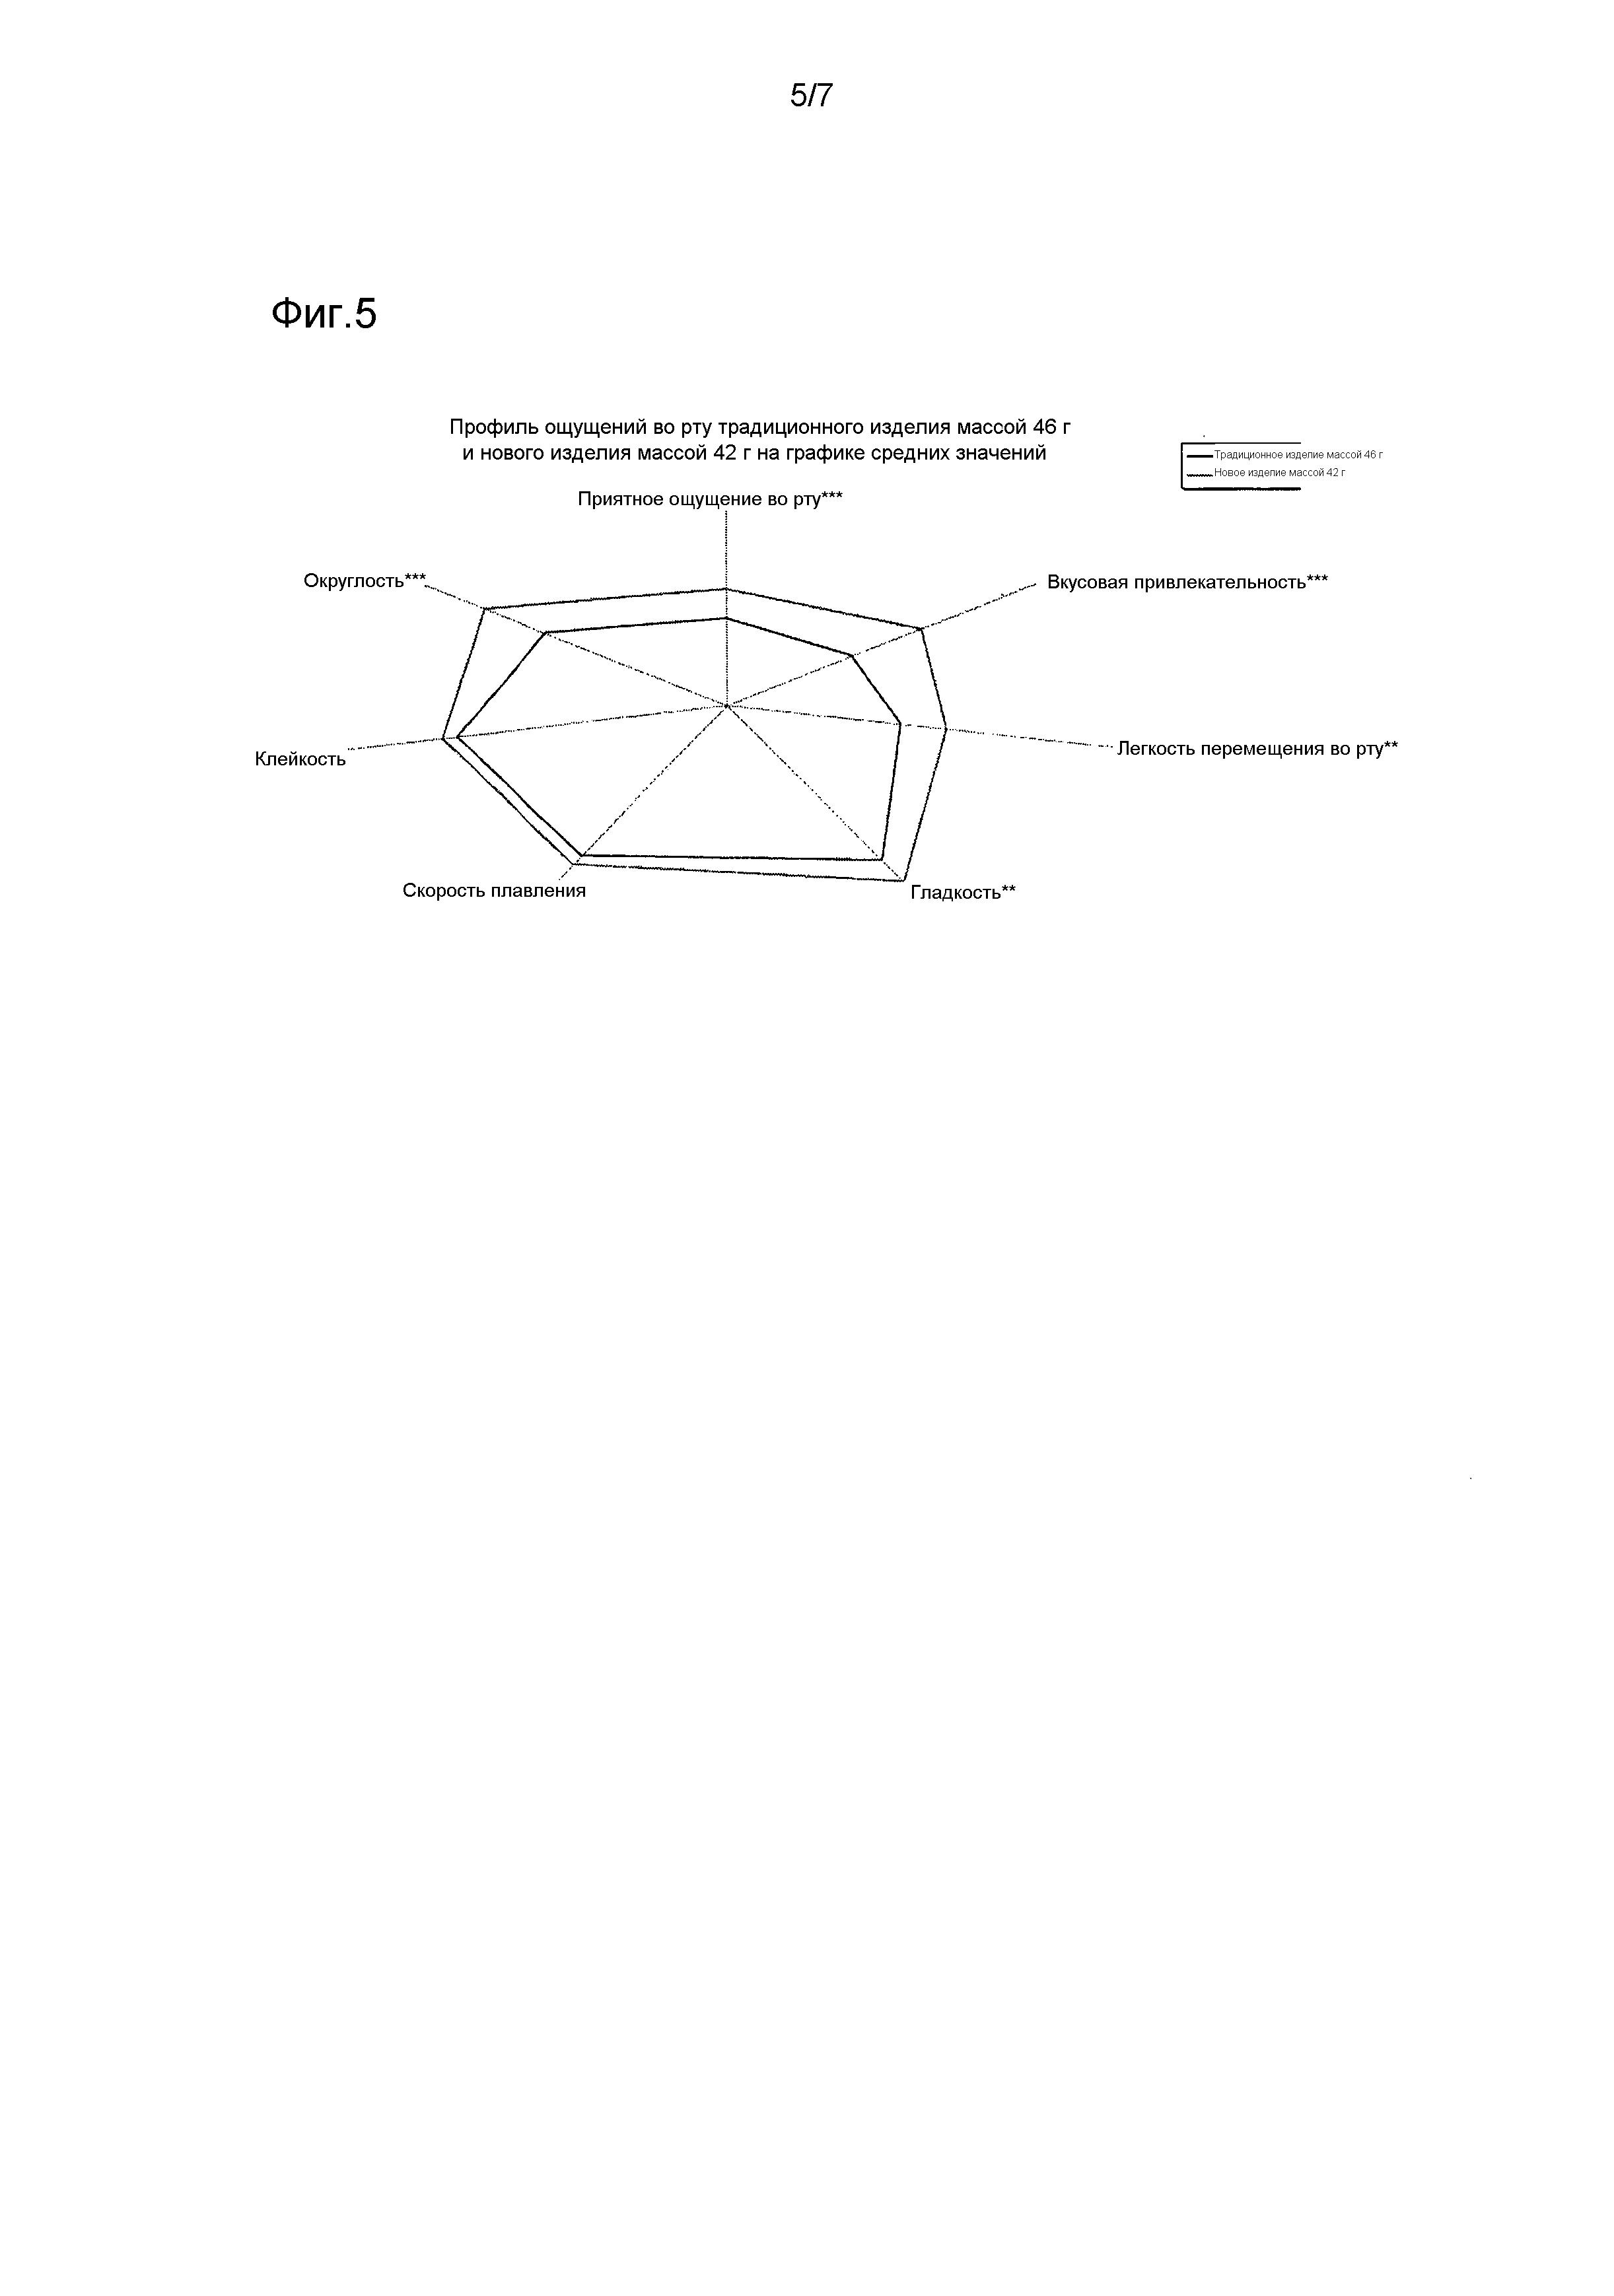 Форма кондитерских изделий